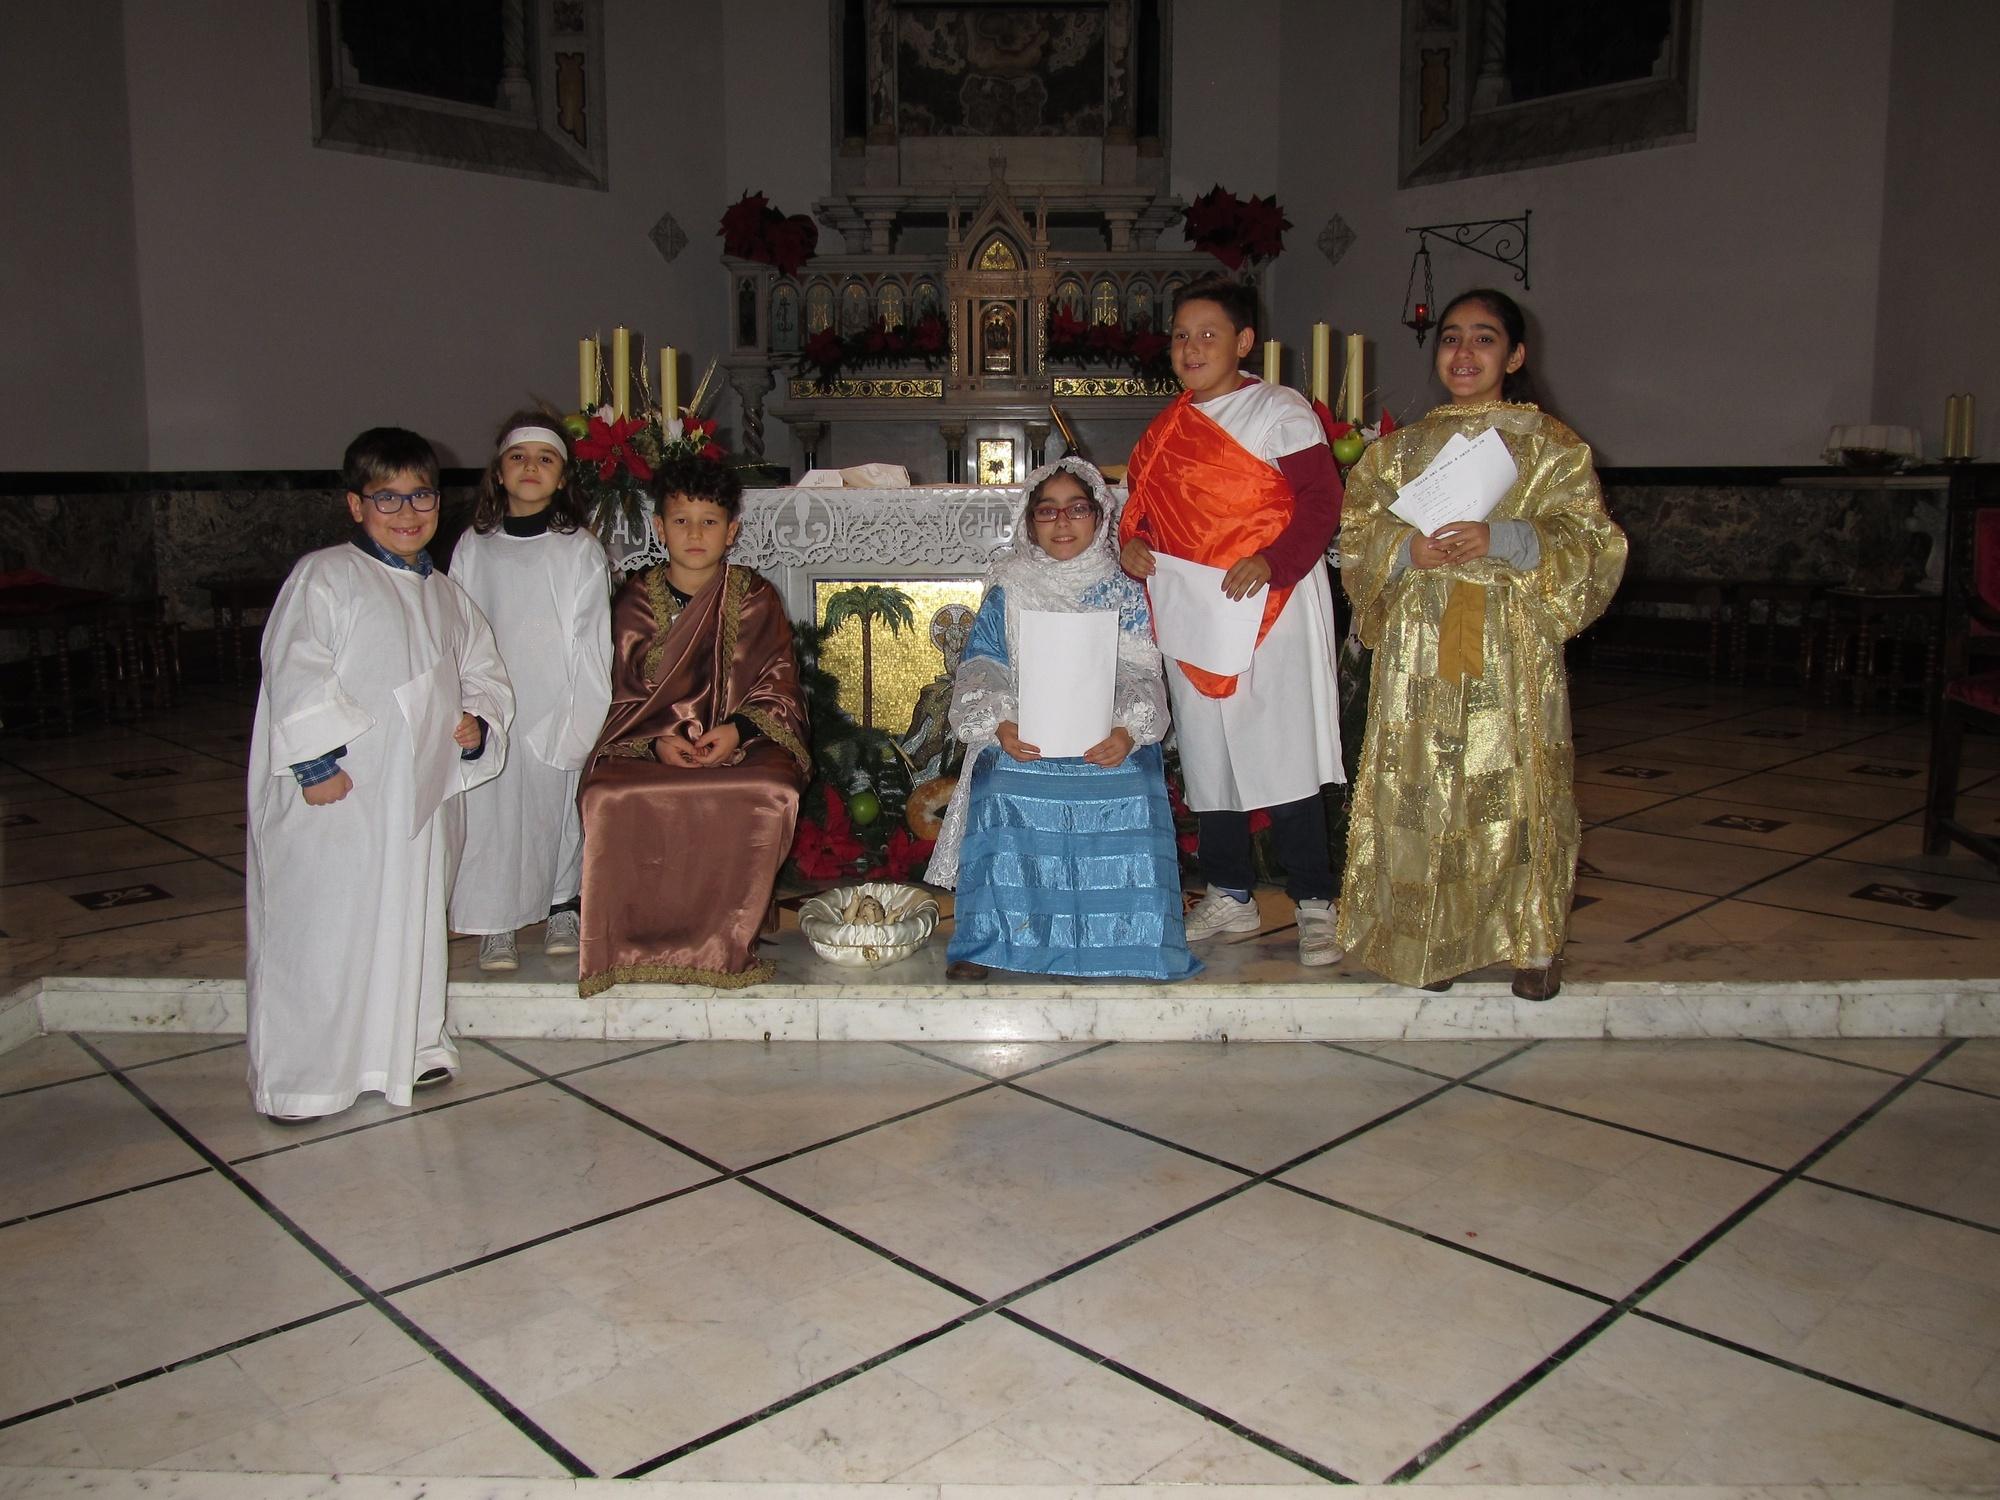 recita-catechismo-natale-mezzanotte-2015-12-25-00-13-13